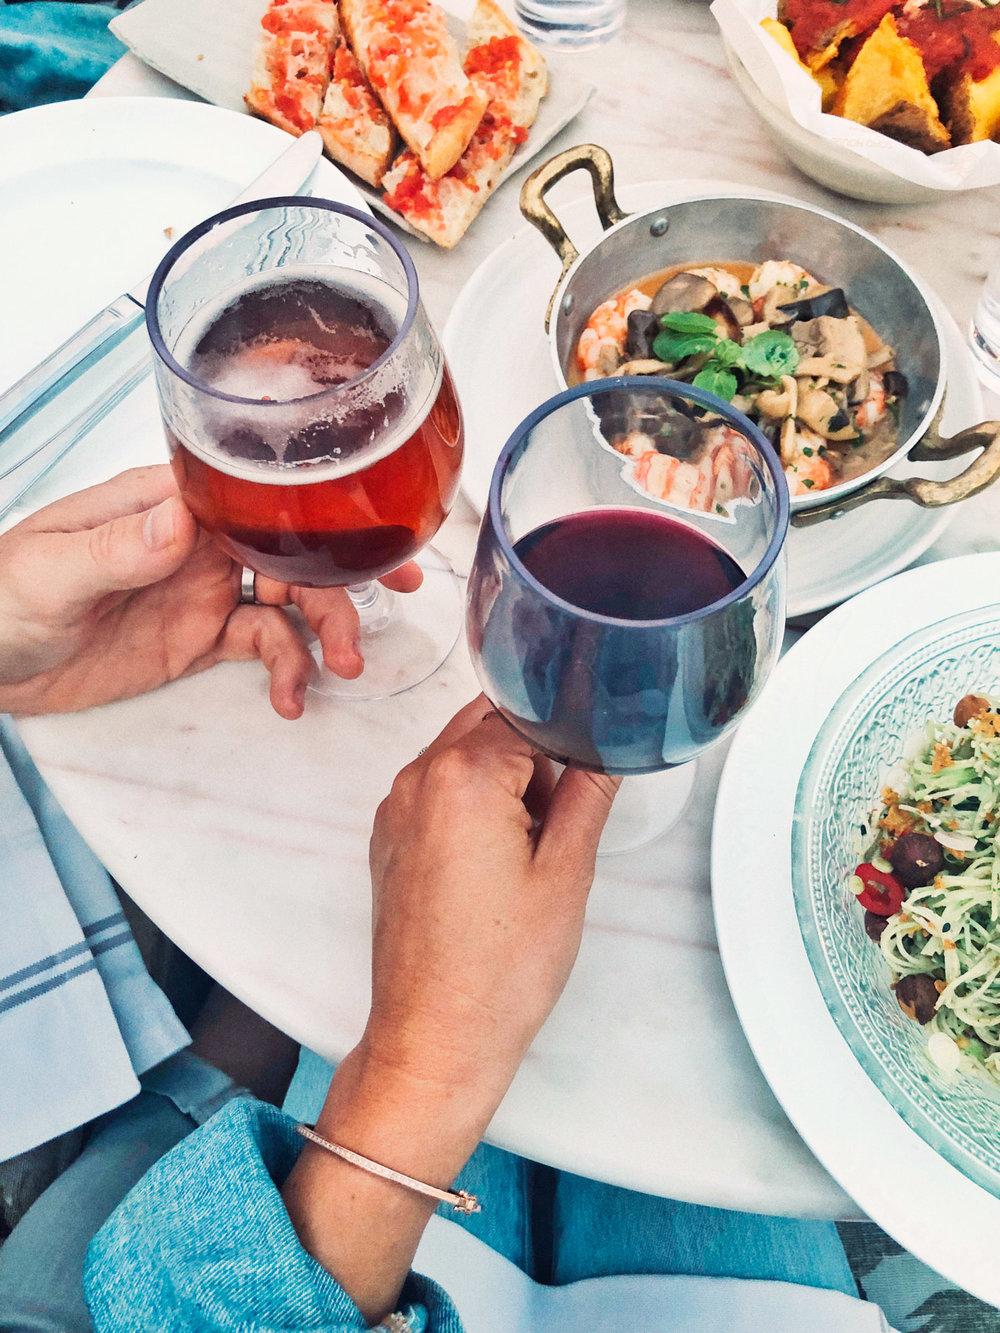 Honeymoon in Europe // Travel Ideas / Wanderlust / Photography / Europe Trip Itinerary / Spanish Wine & Tapas